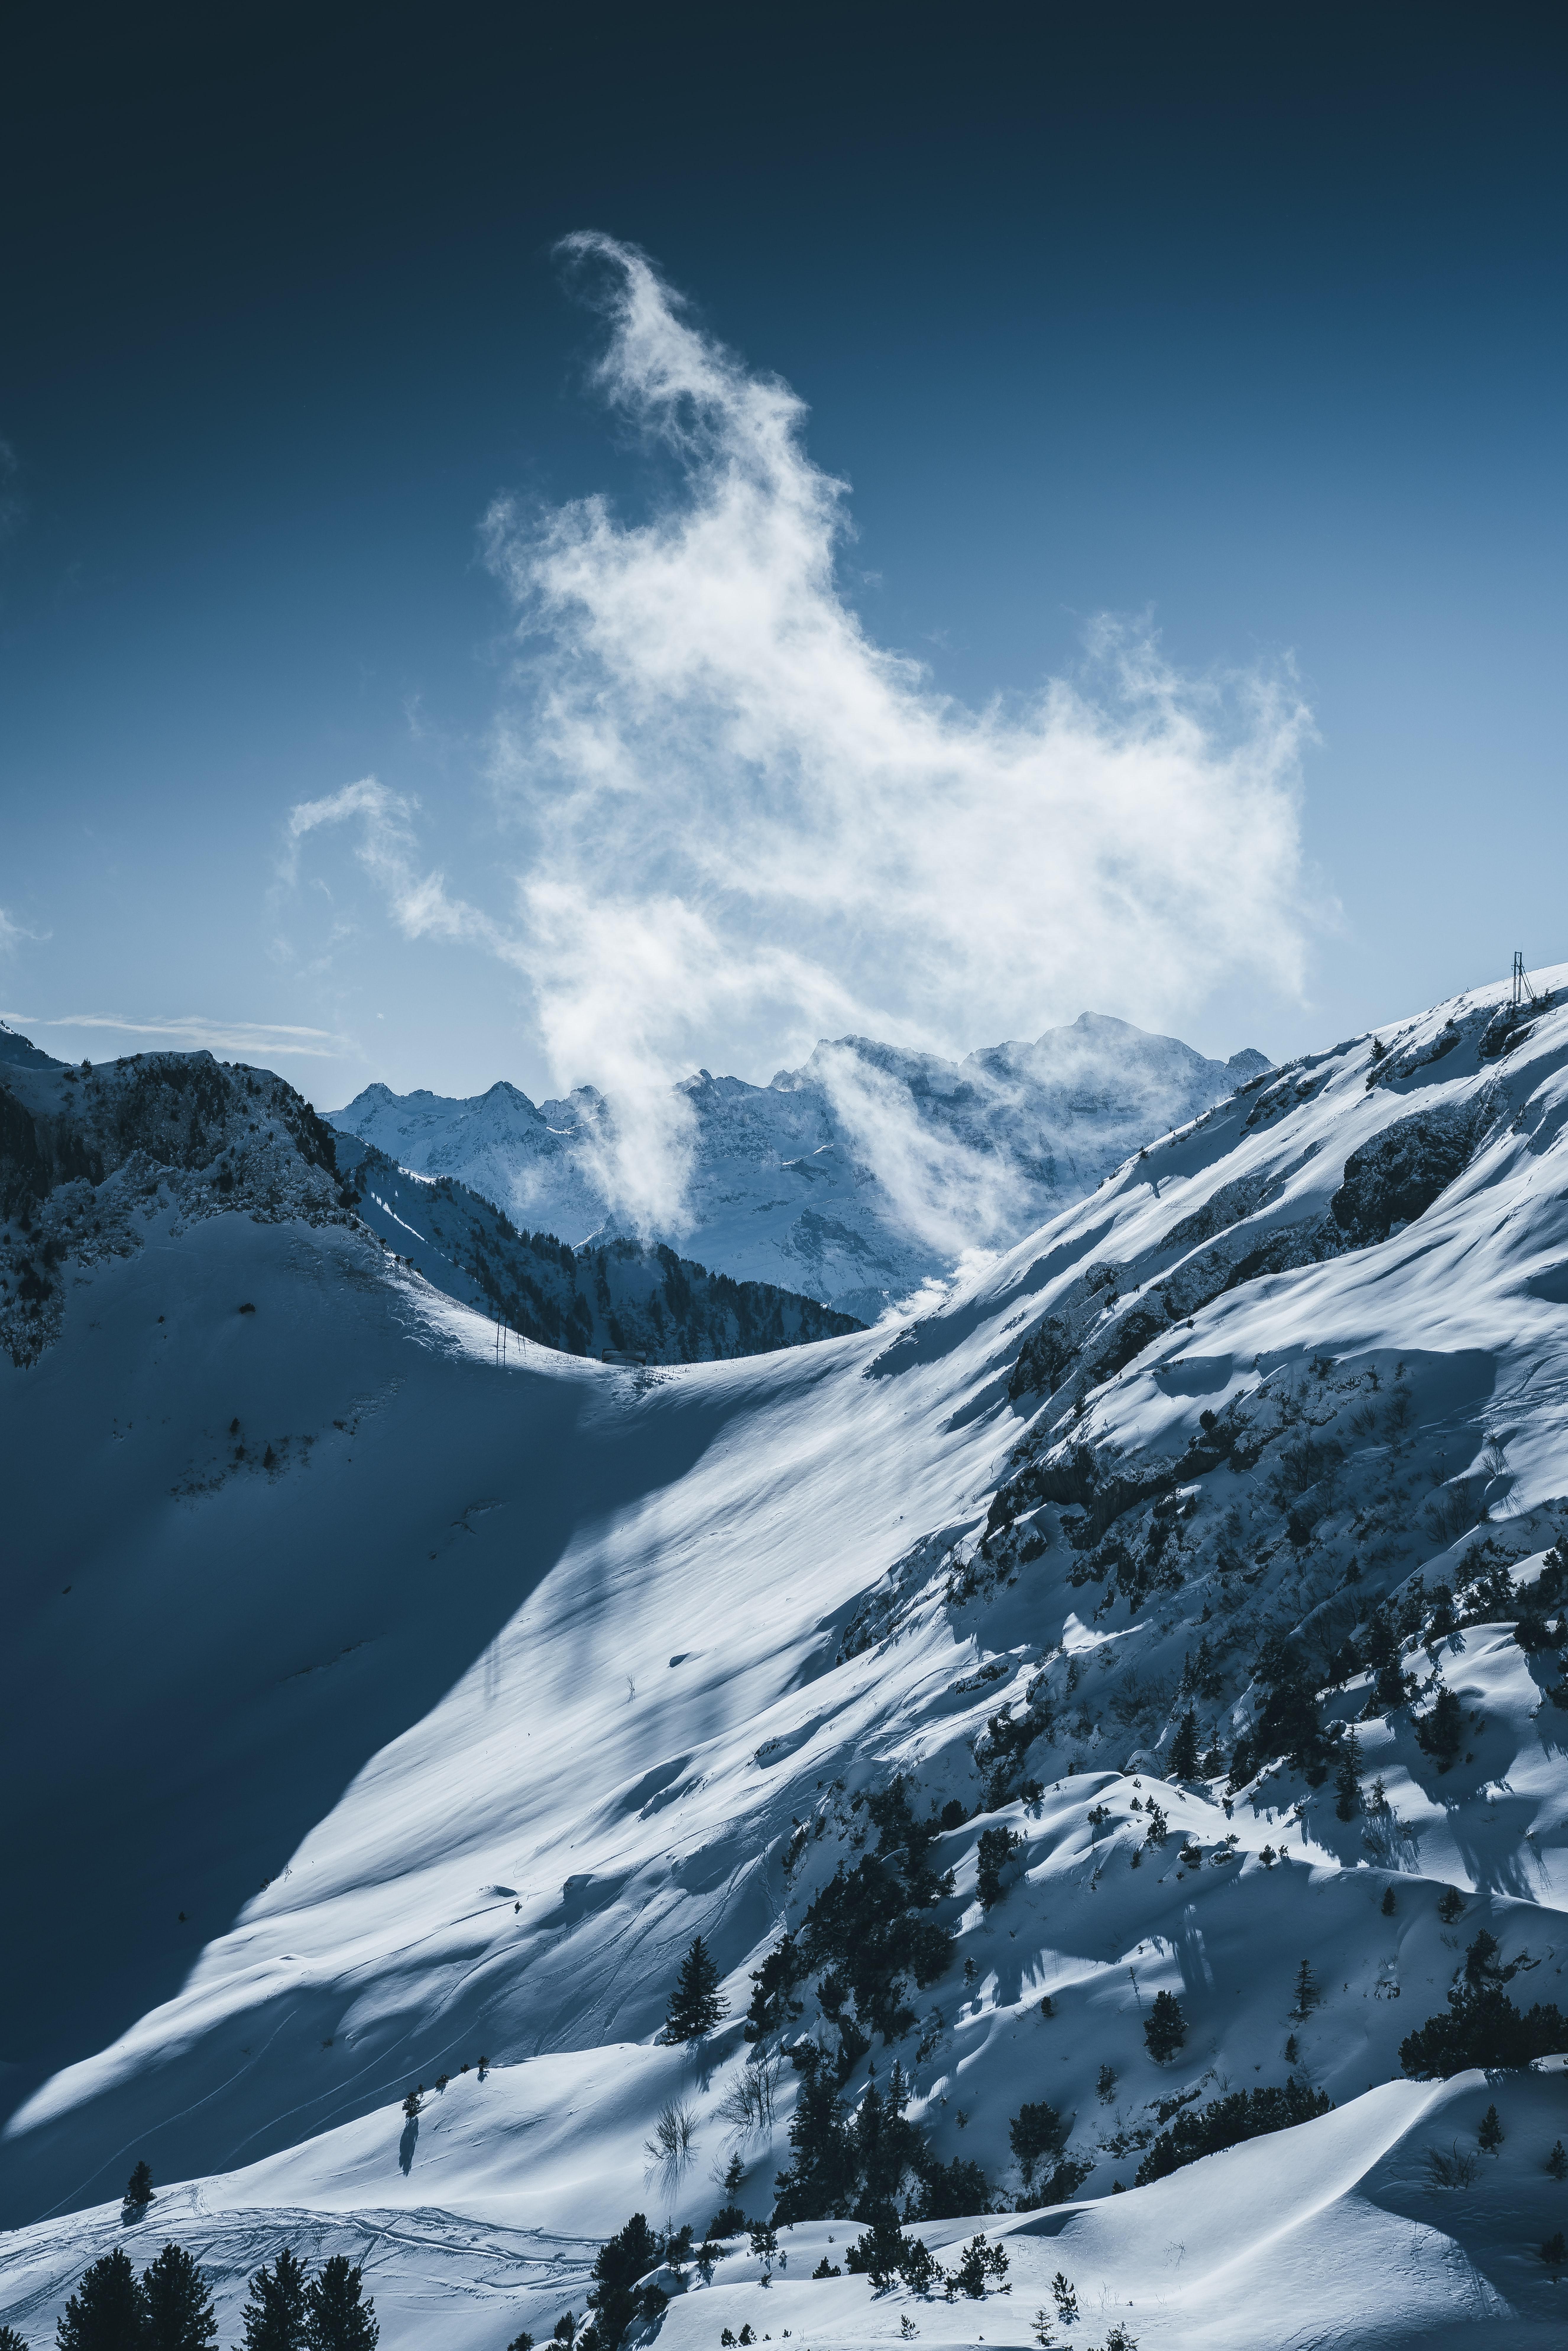 101100 免費下載壁紙 性质, 雪, 云, 云端, 冬天, 雪覆盖, 白雪覆盖, 山, 景观 屏保和圖片